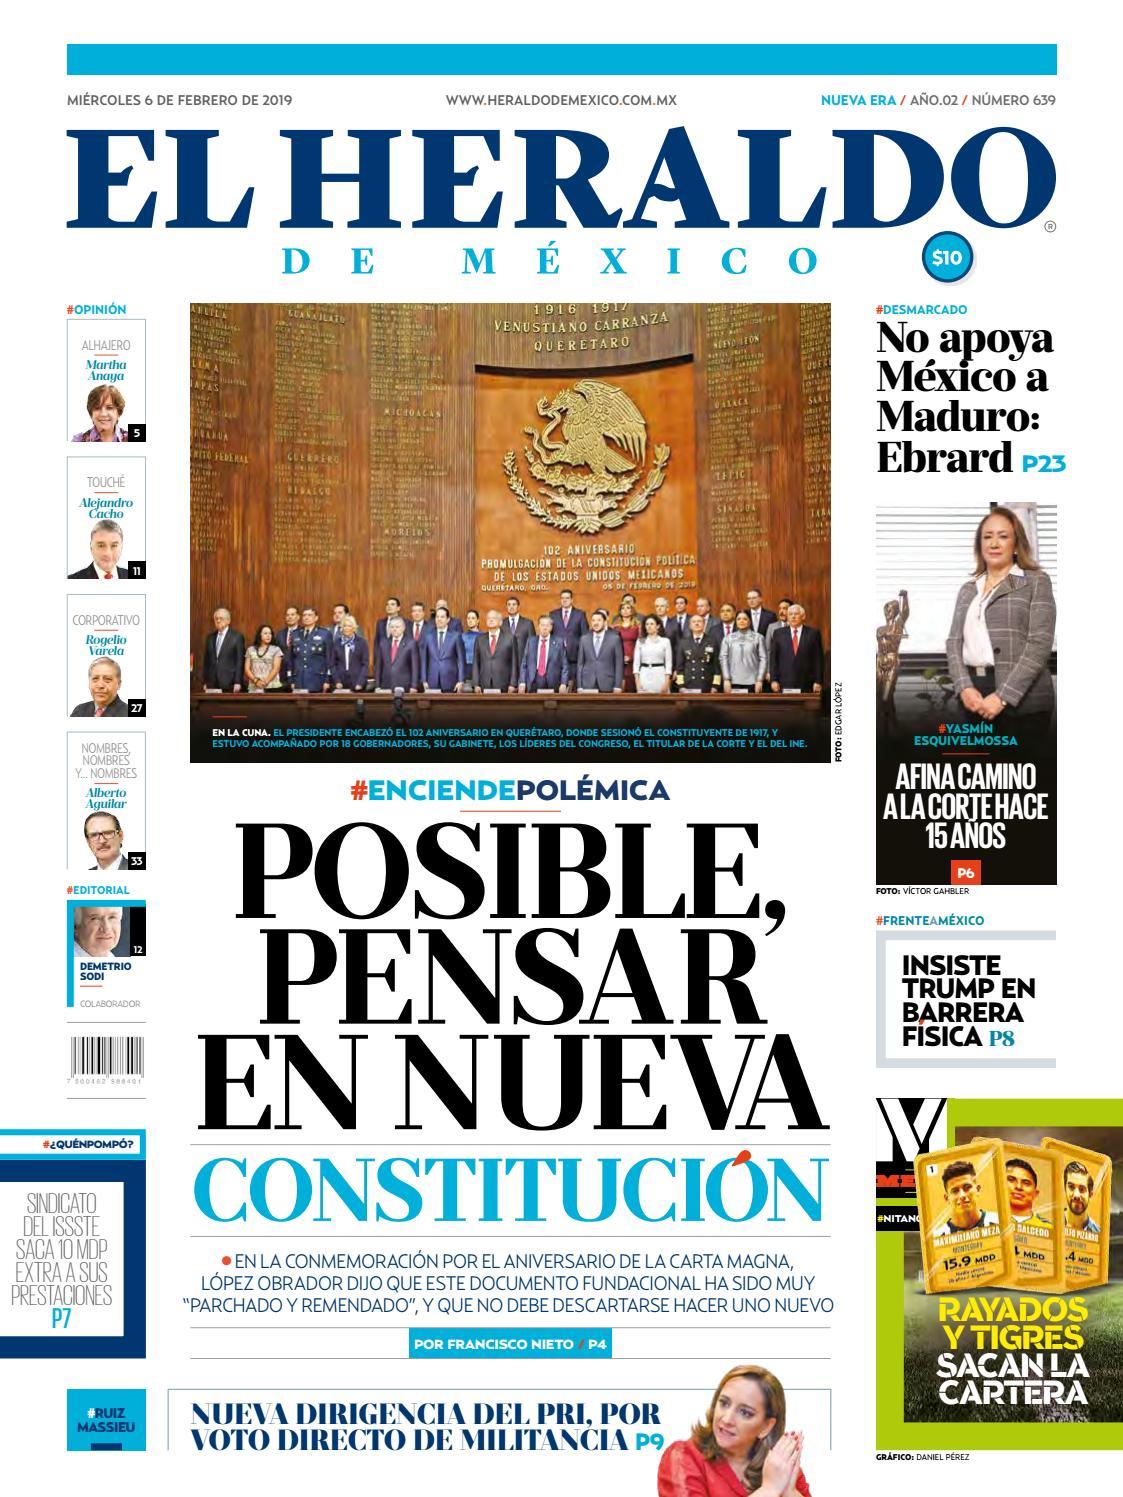 a040fd8bfbf 6 de febrero de 2019 by El Heraldo de México - issuu